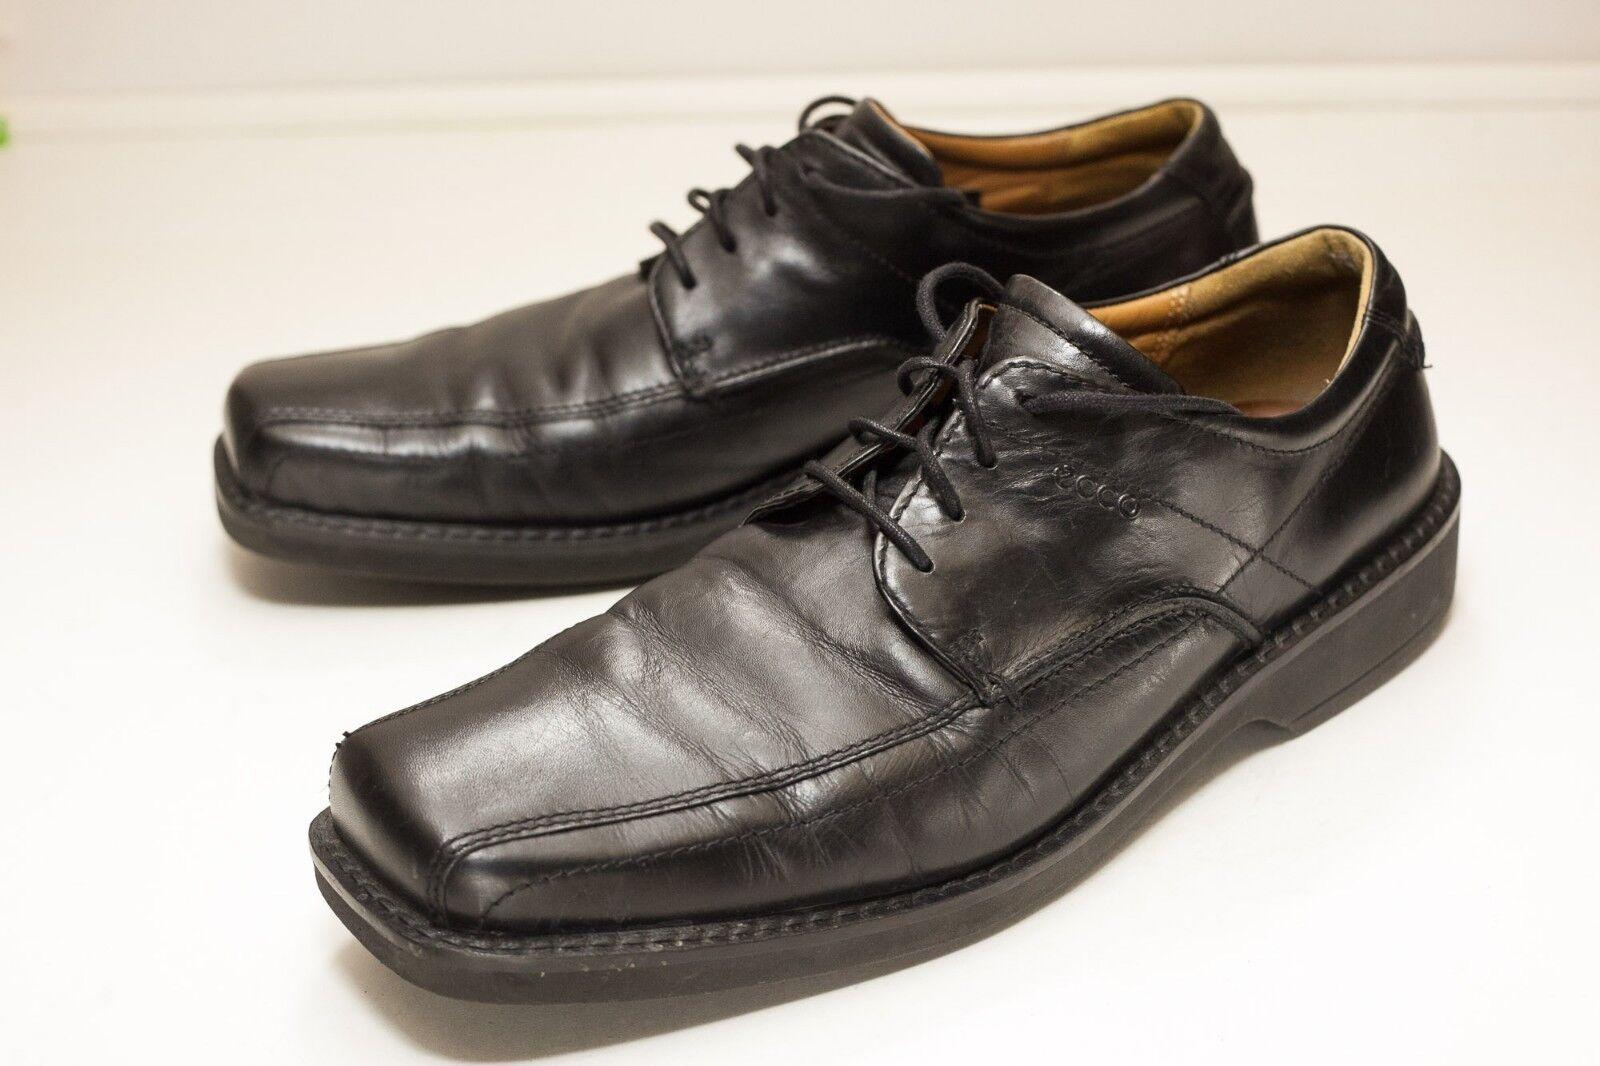 fino al 60% di sconto ECCO Dimensione 13 to 13.5 nero Dress scarpe Uomo EU EU EU 47  servizio di prima classe